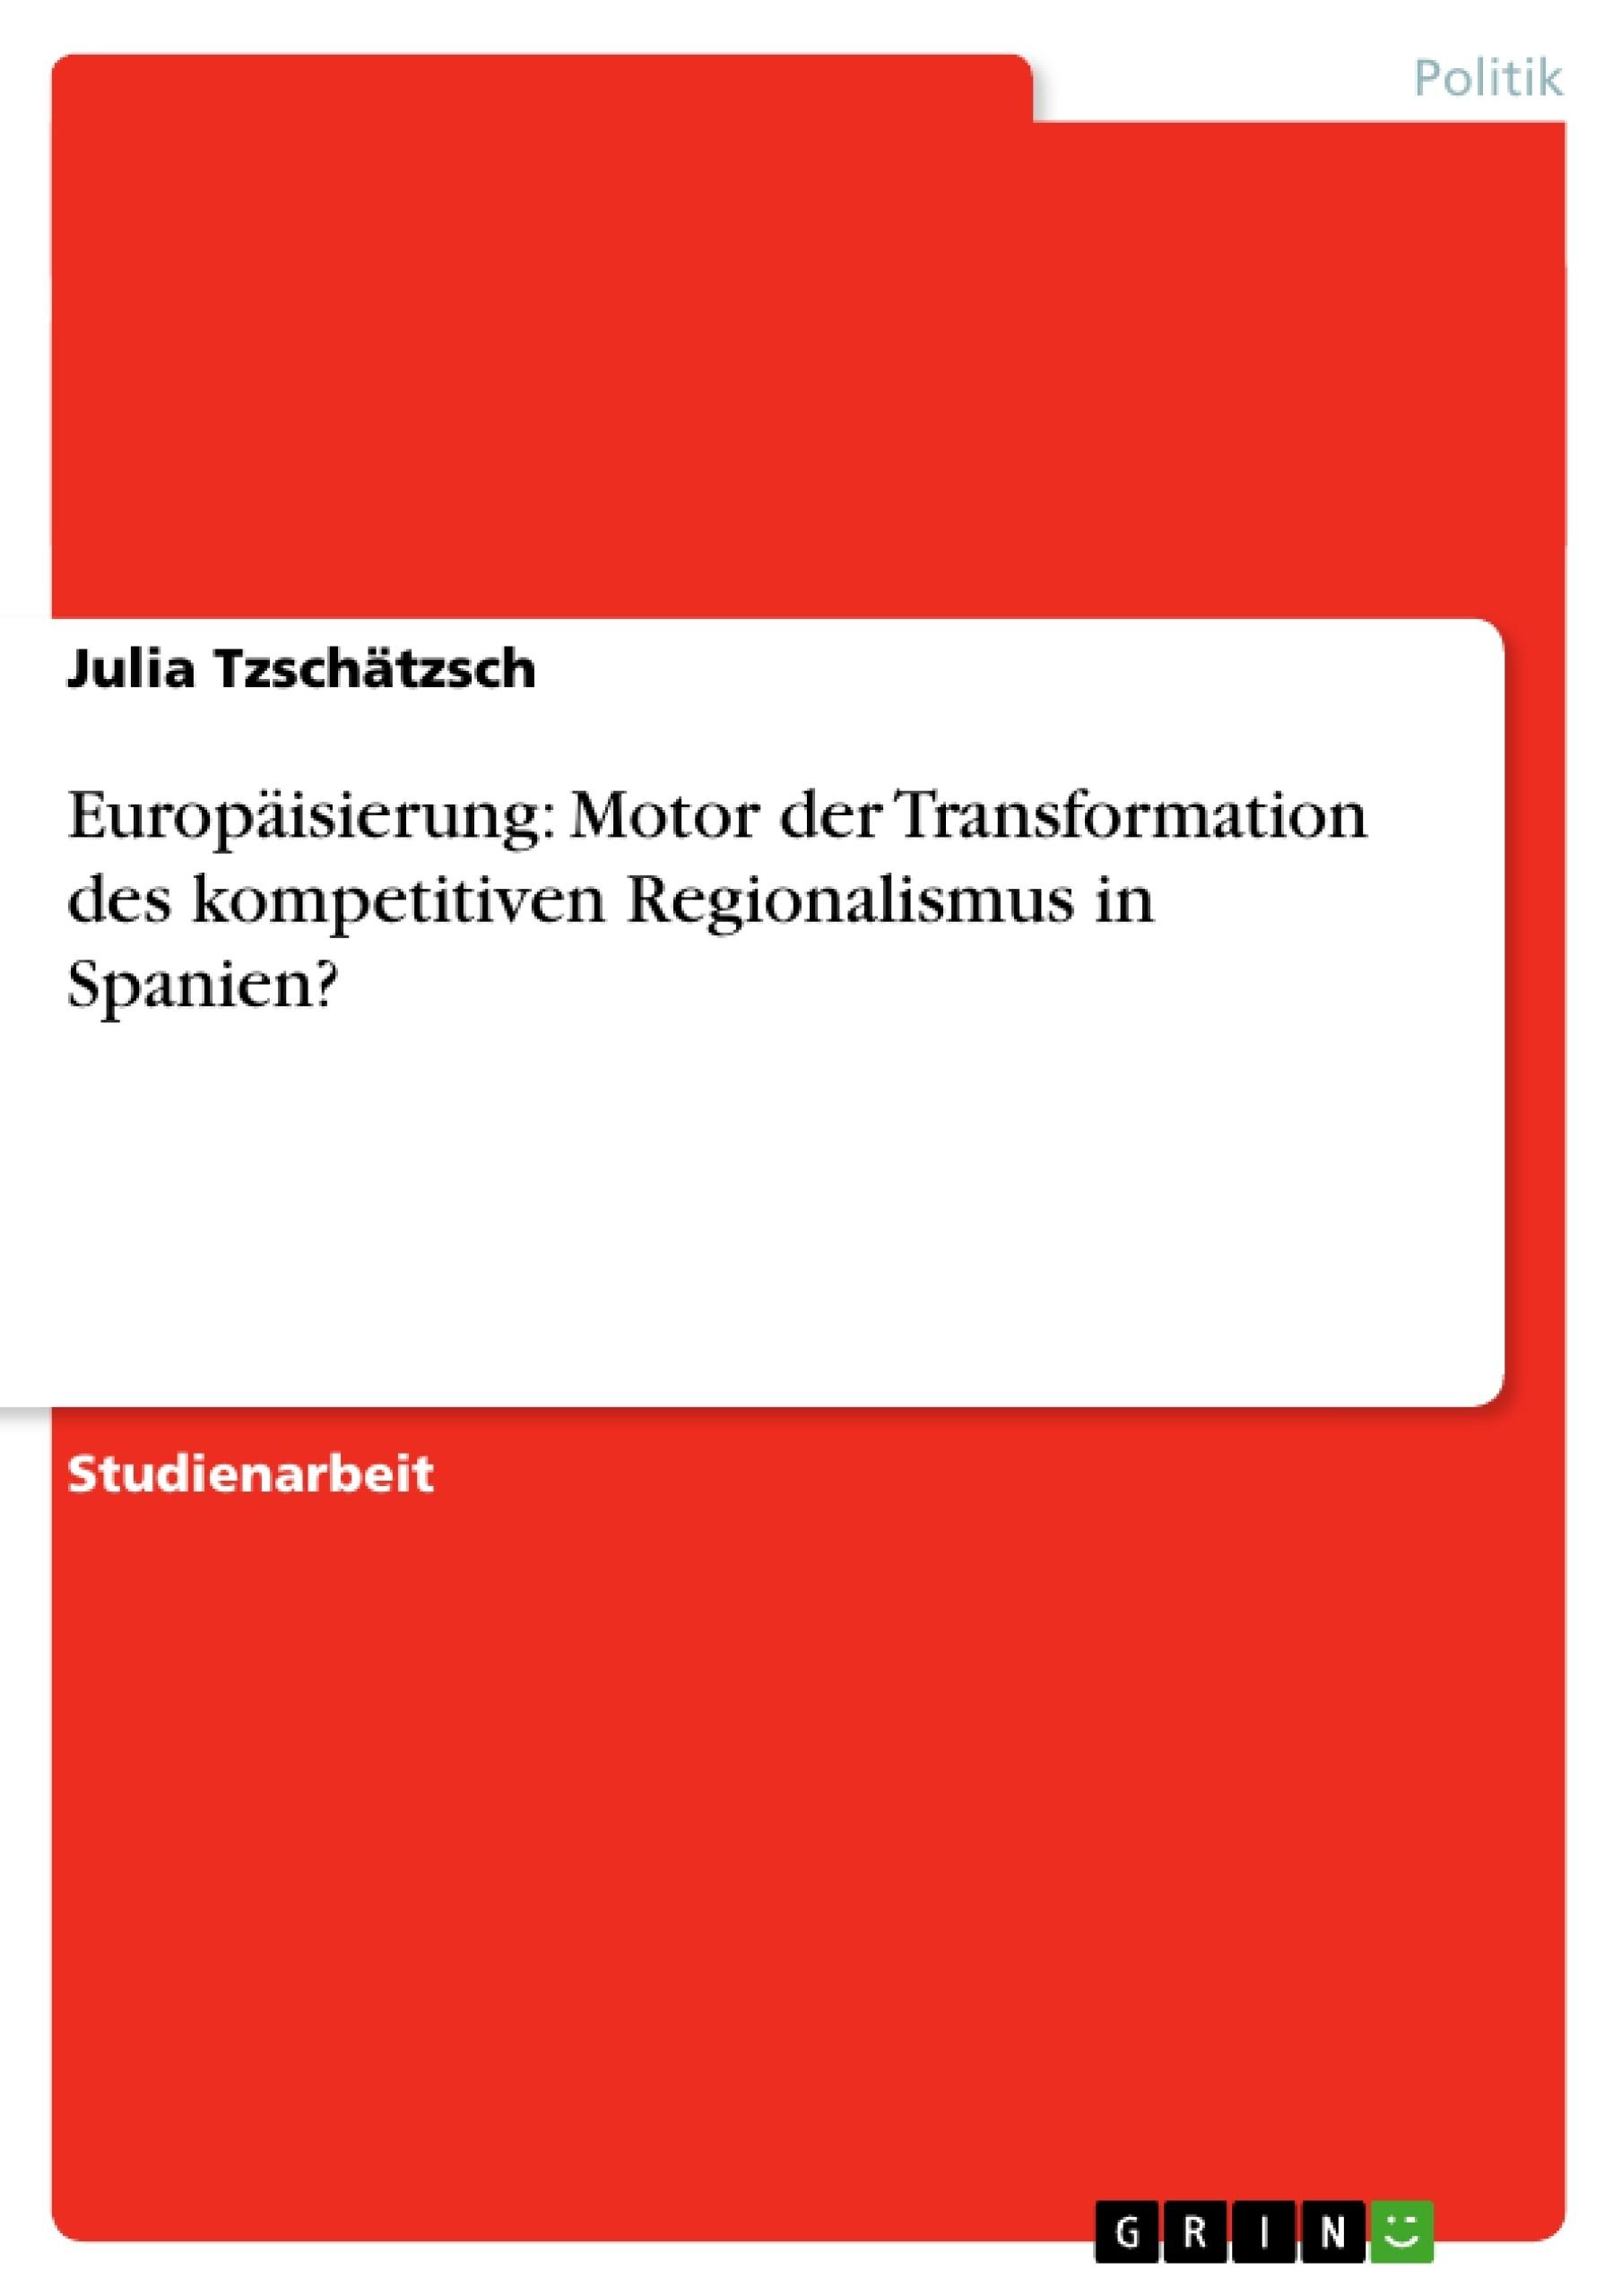 Titel: Europäisierung: Motor der Transformation des kompetitiven Regionalismus in Spanien?